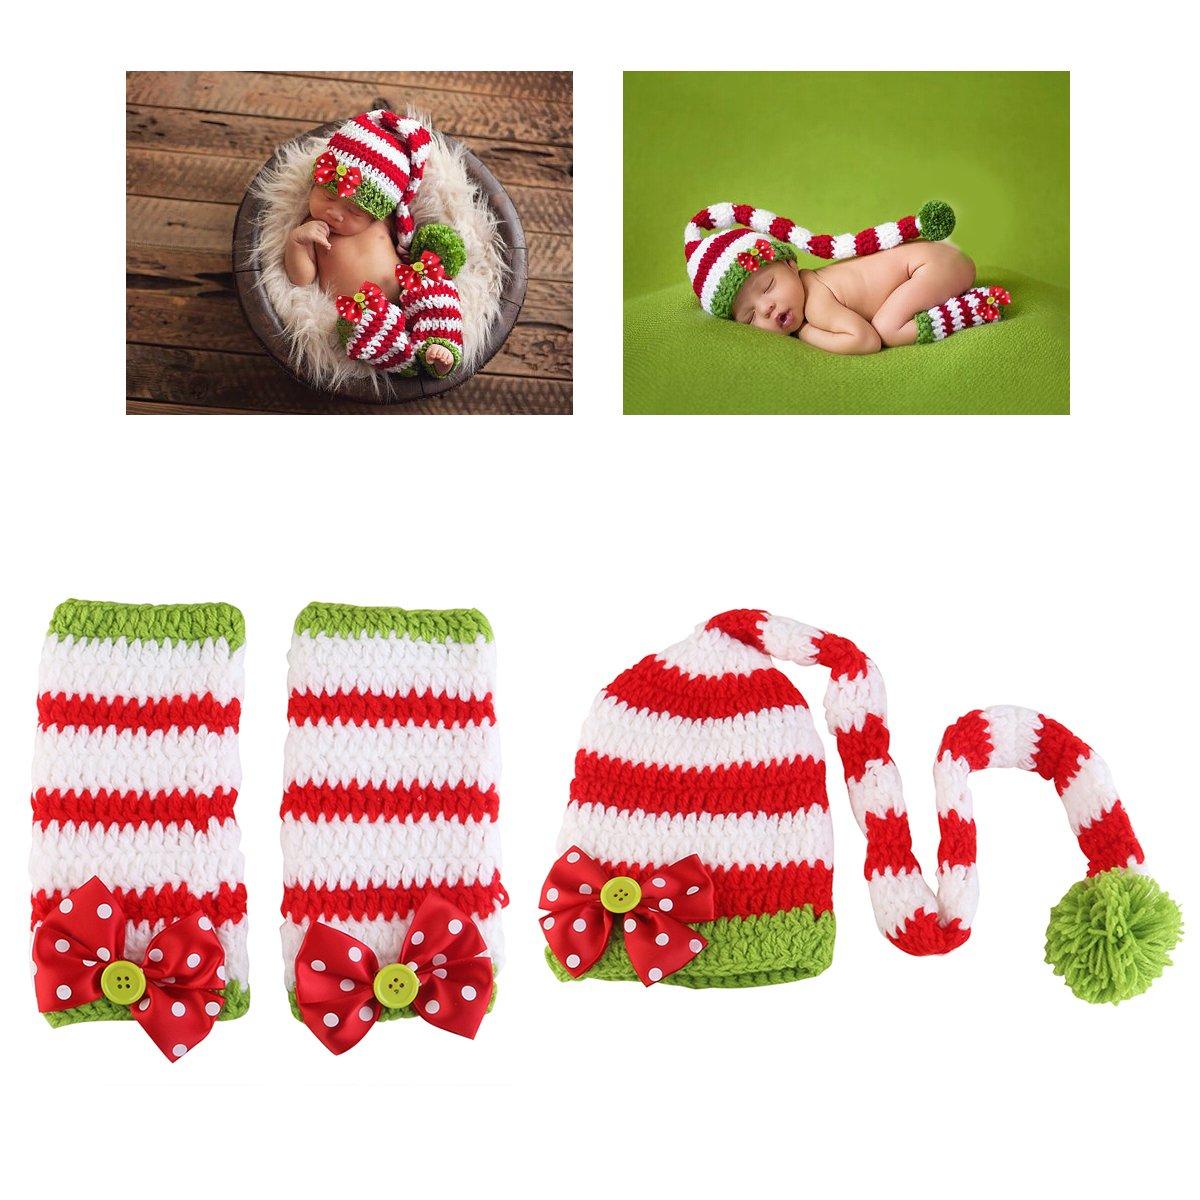 Nuolux Kost/üm f/ür Neugeborenen-Fotografie H/äkelm/ütze und Kleidung f/ür Baby am Weihnachtstag Requisiten